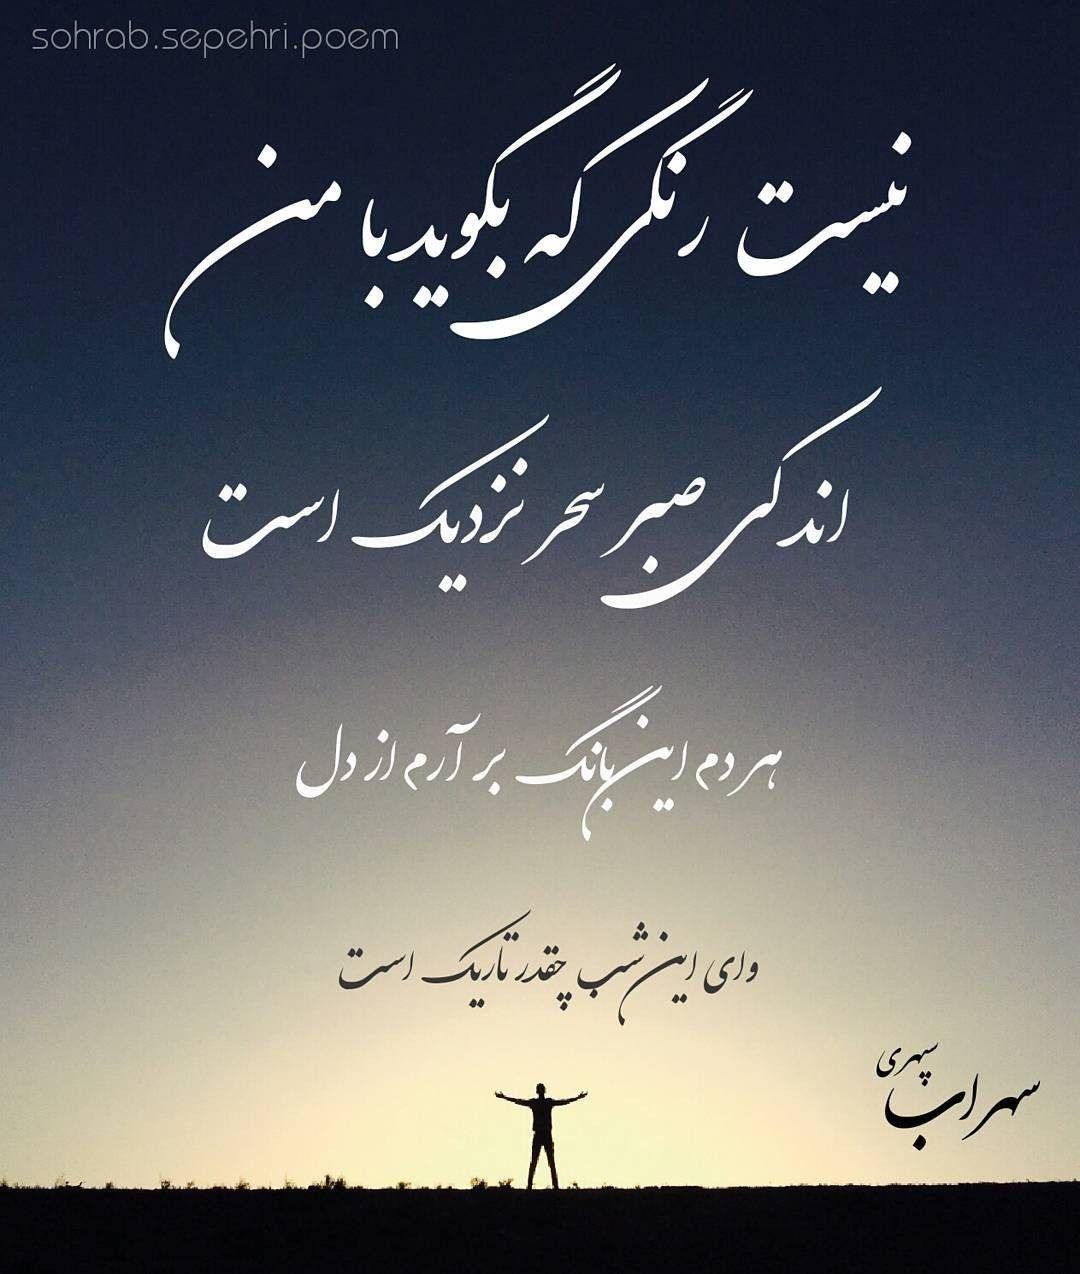 اندکی صبر سحر نزدیک است سهراب سپهری Positive Wallpapers Persian Quotes Farsi Poem